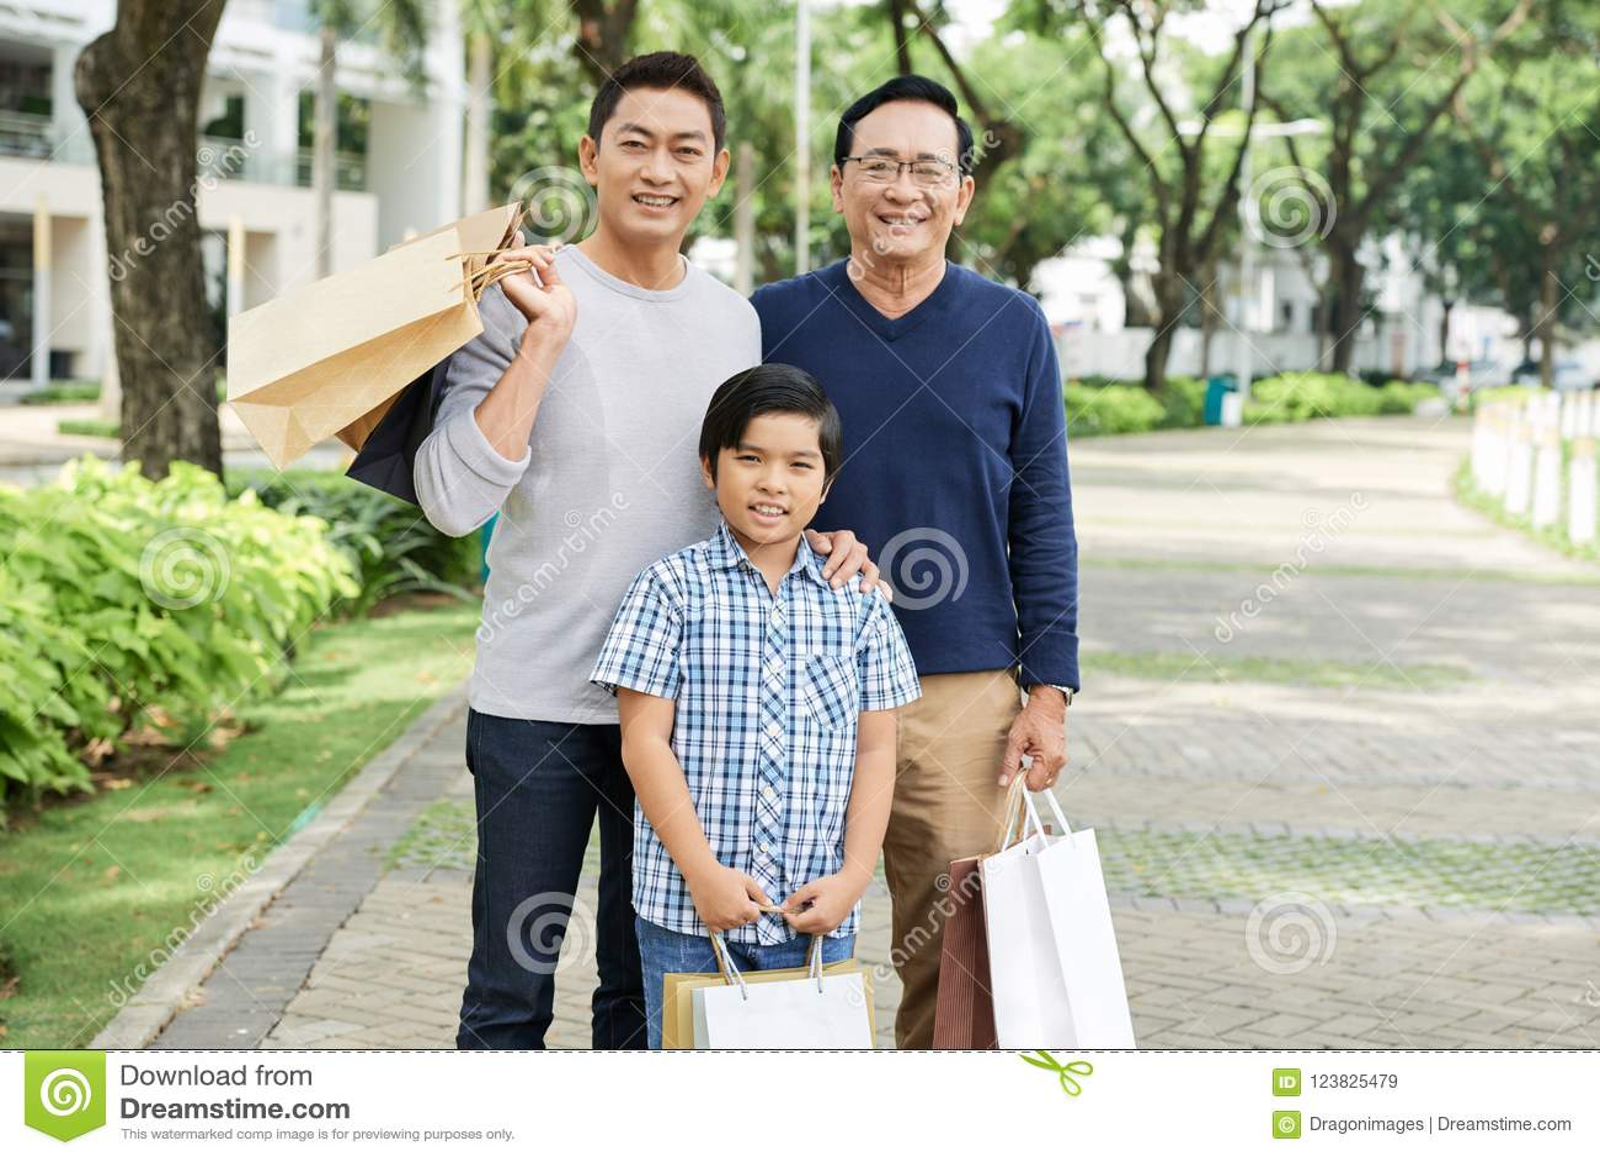 Мульти-поколенческая азиатская семья с бумажными сумками